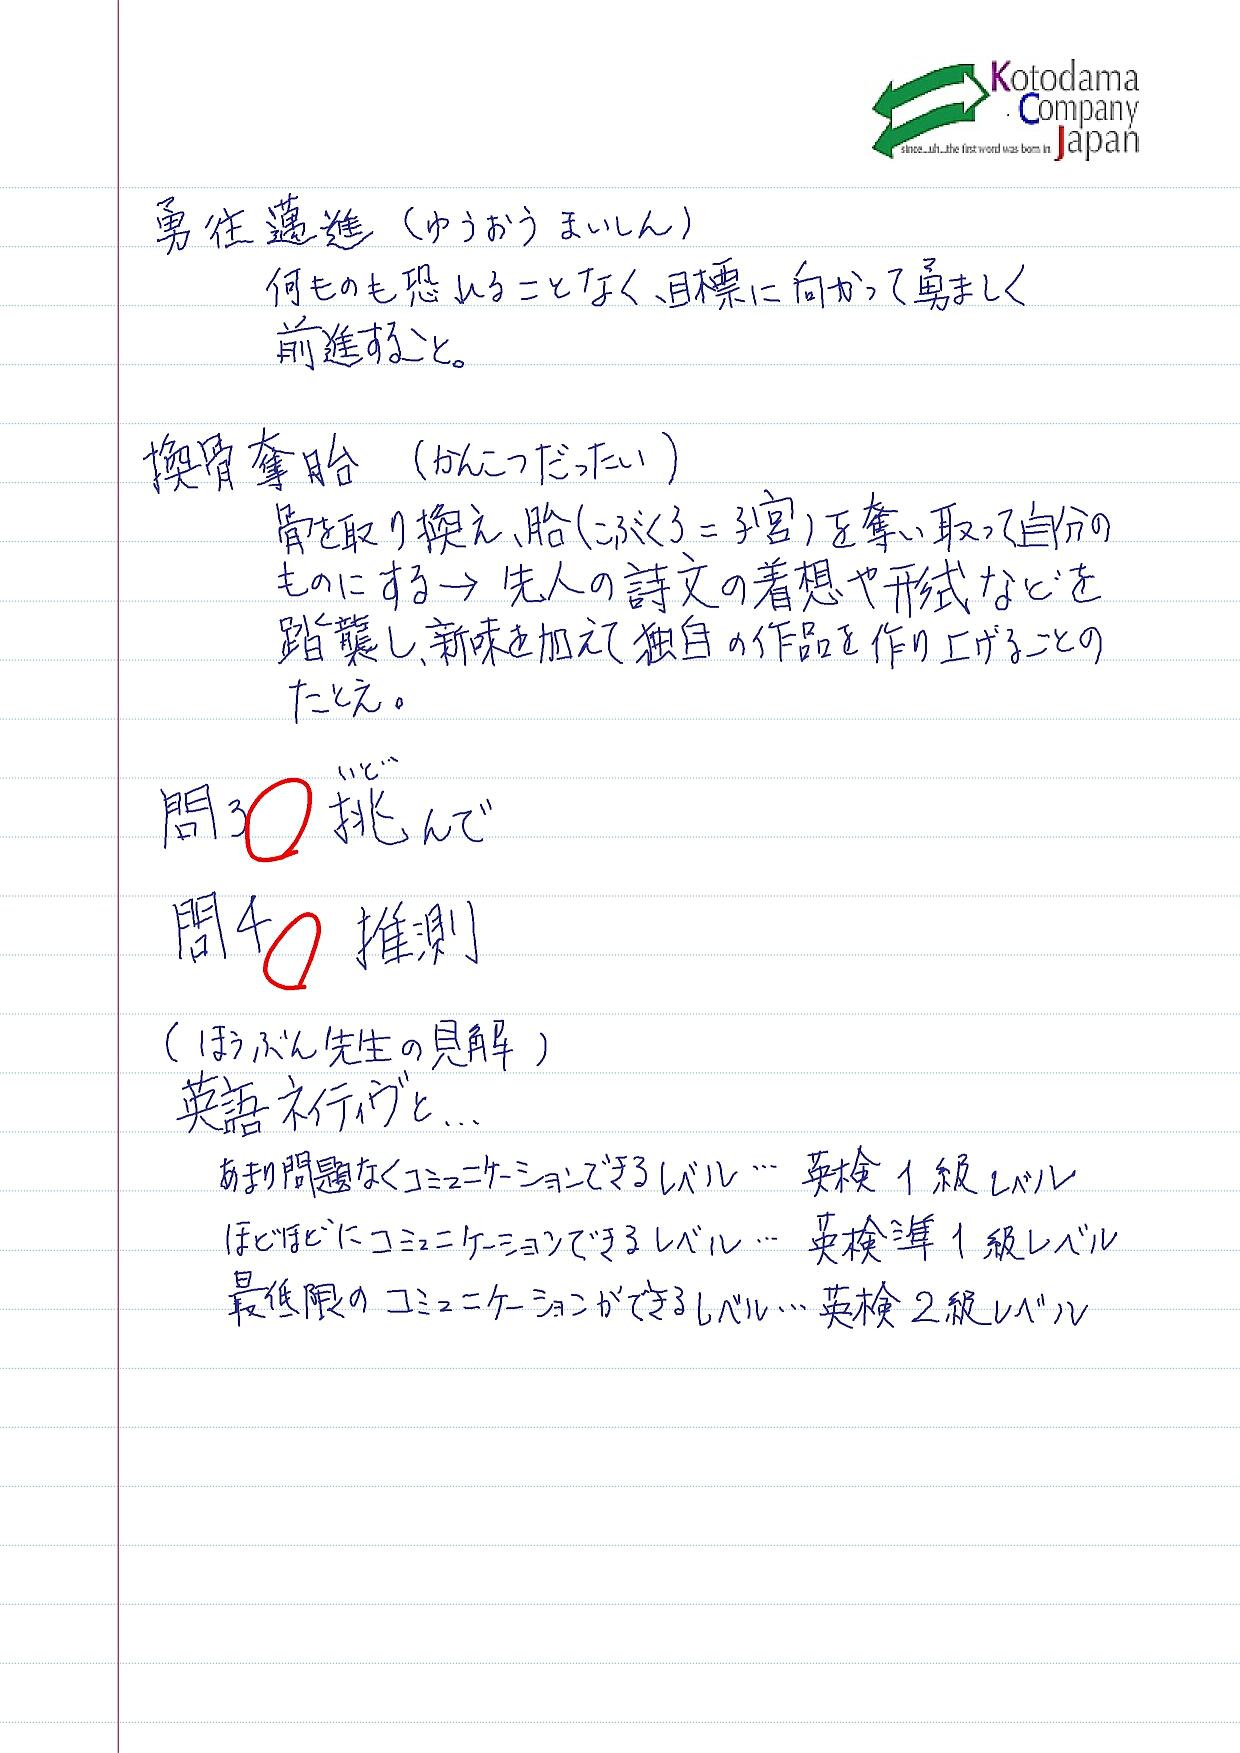 00-05ノート:福沢由紀.jpg